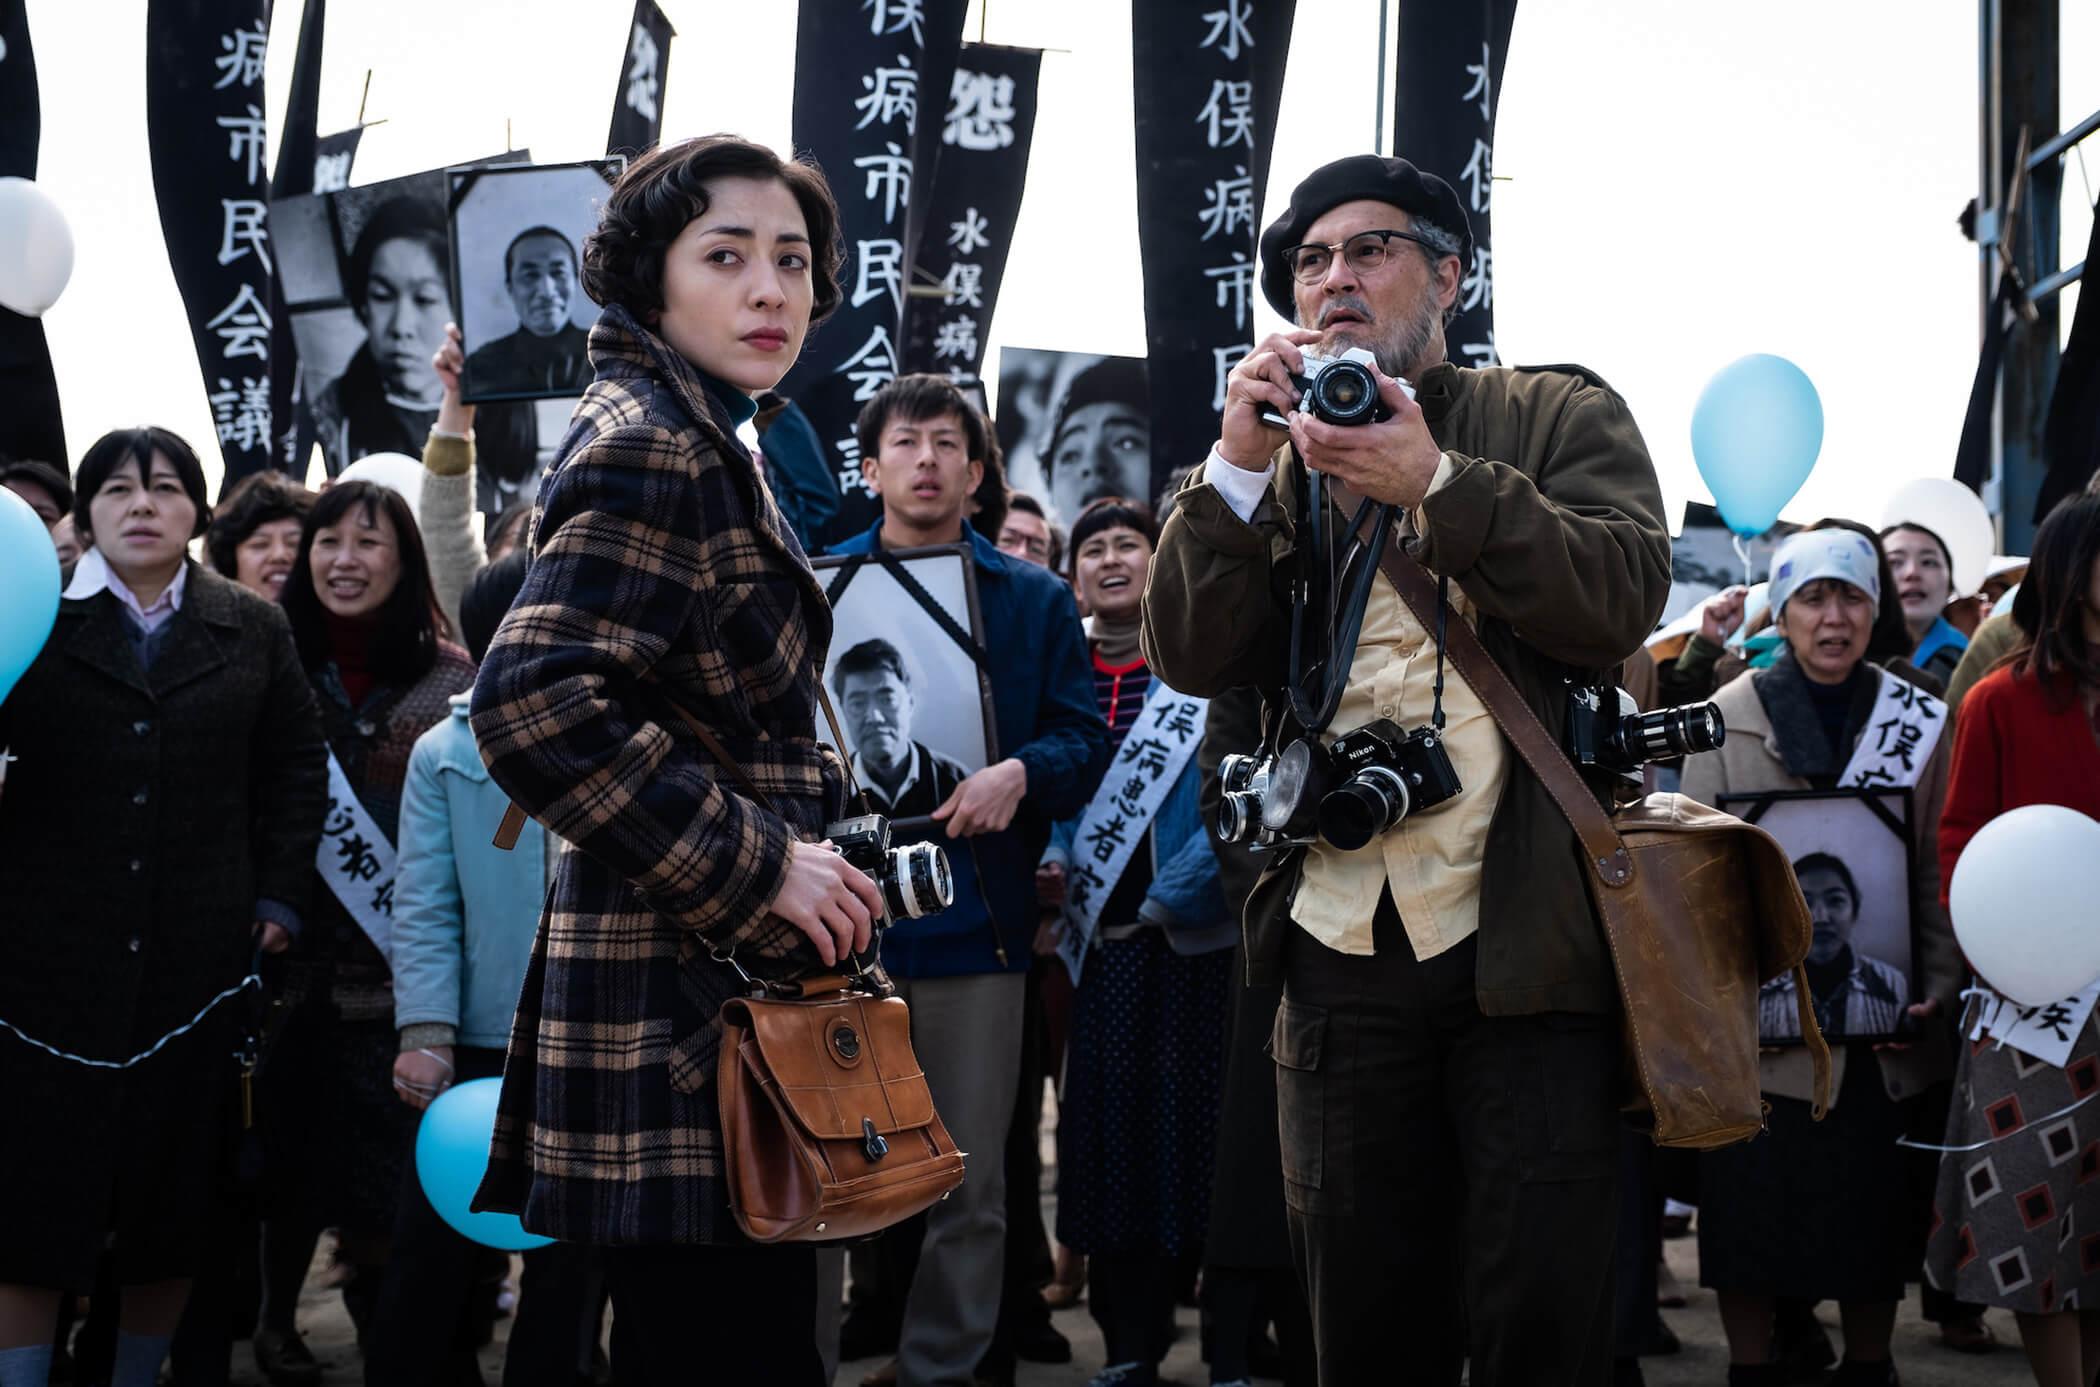 上映映画をもっと知りたい! 語りたい倶楽部。#69『MINAMATA―ミナマタ―』